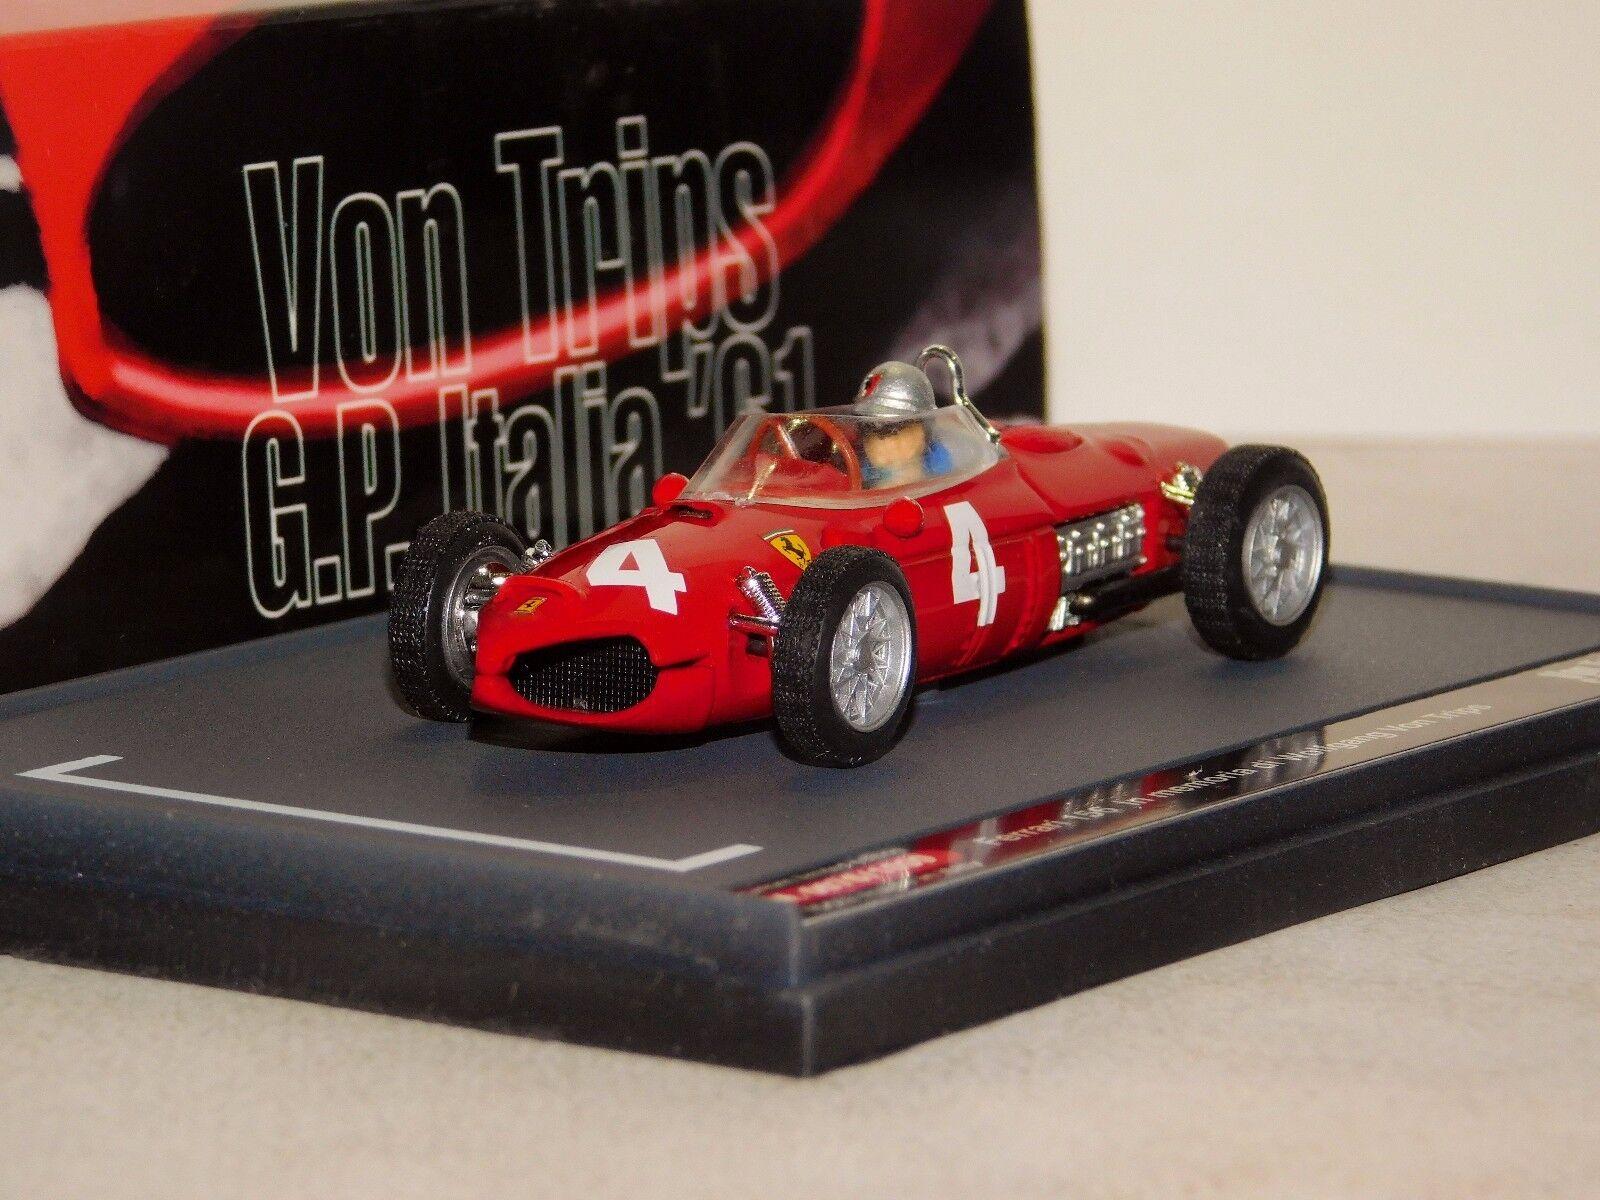 FERRARI 156 VON TRIPS MONZA ITALIA GP 1961 IN MEMORIA BRUMM LIM. S11 03 1 43